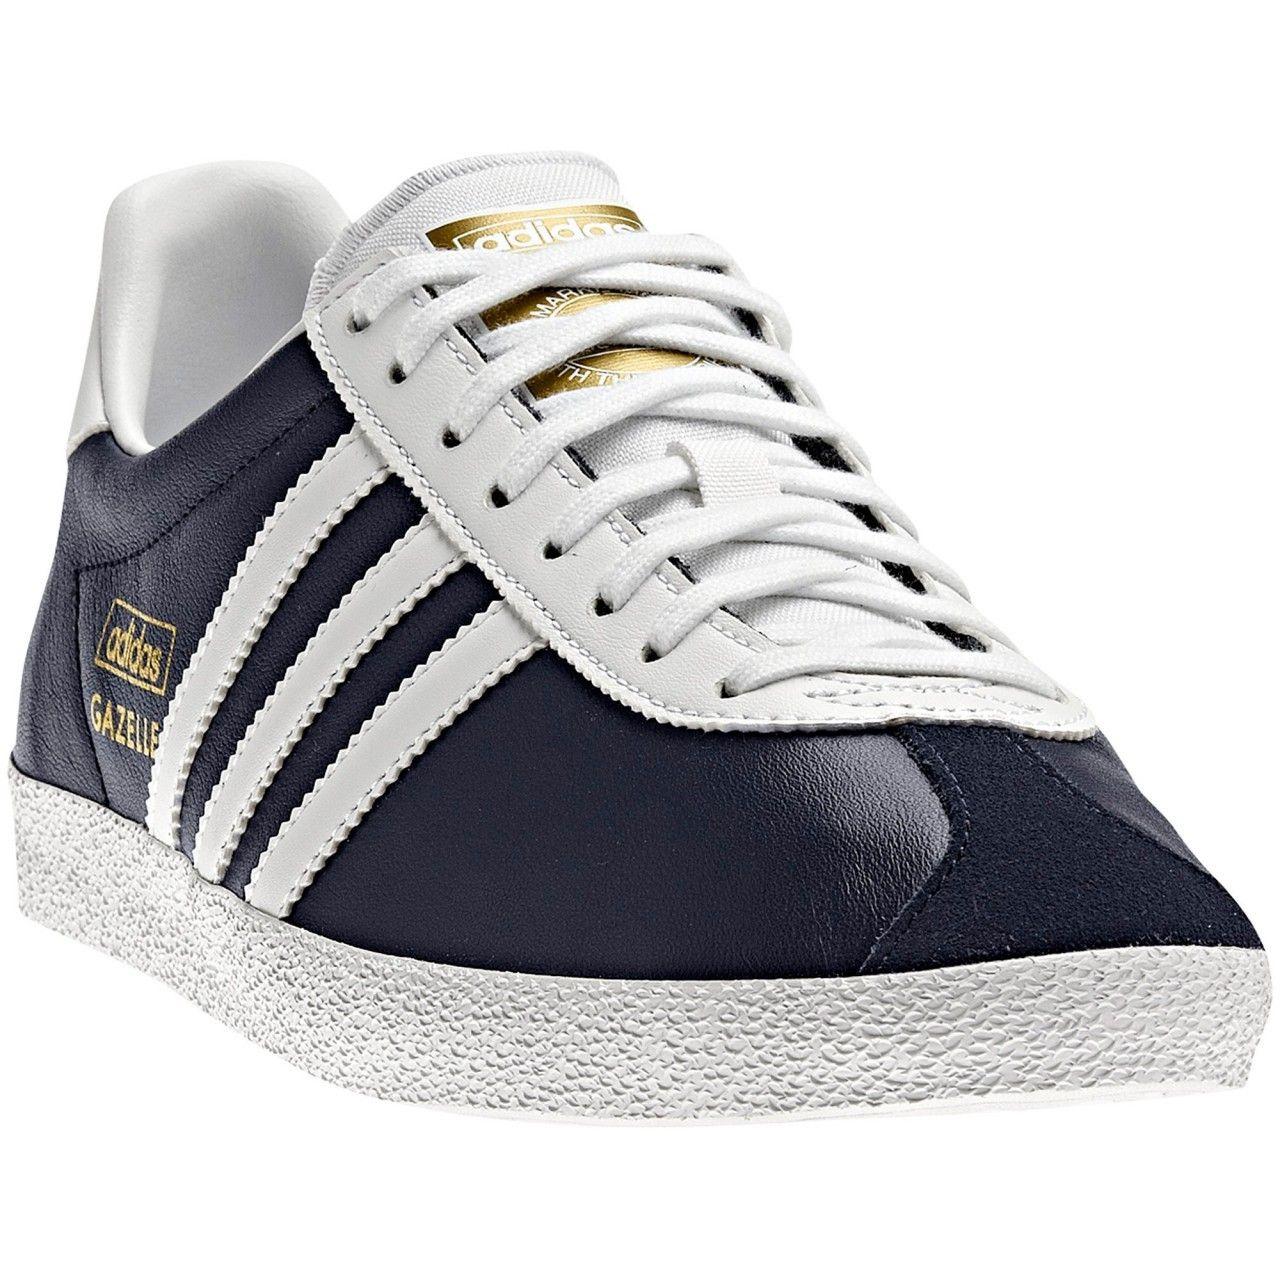 £59.00 adidas Gazelle OG Shoes Full grain leather upper for comfort and  soft feel Nylon